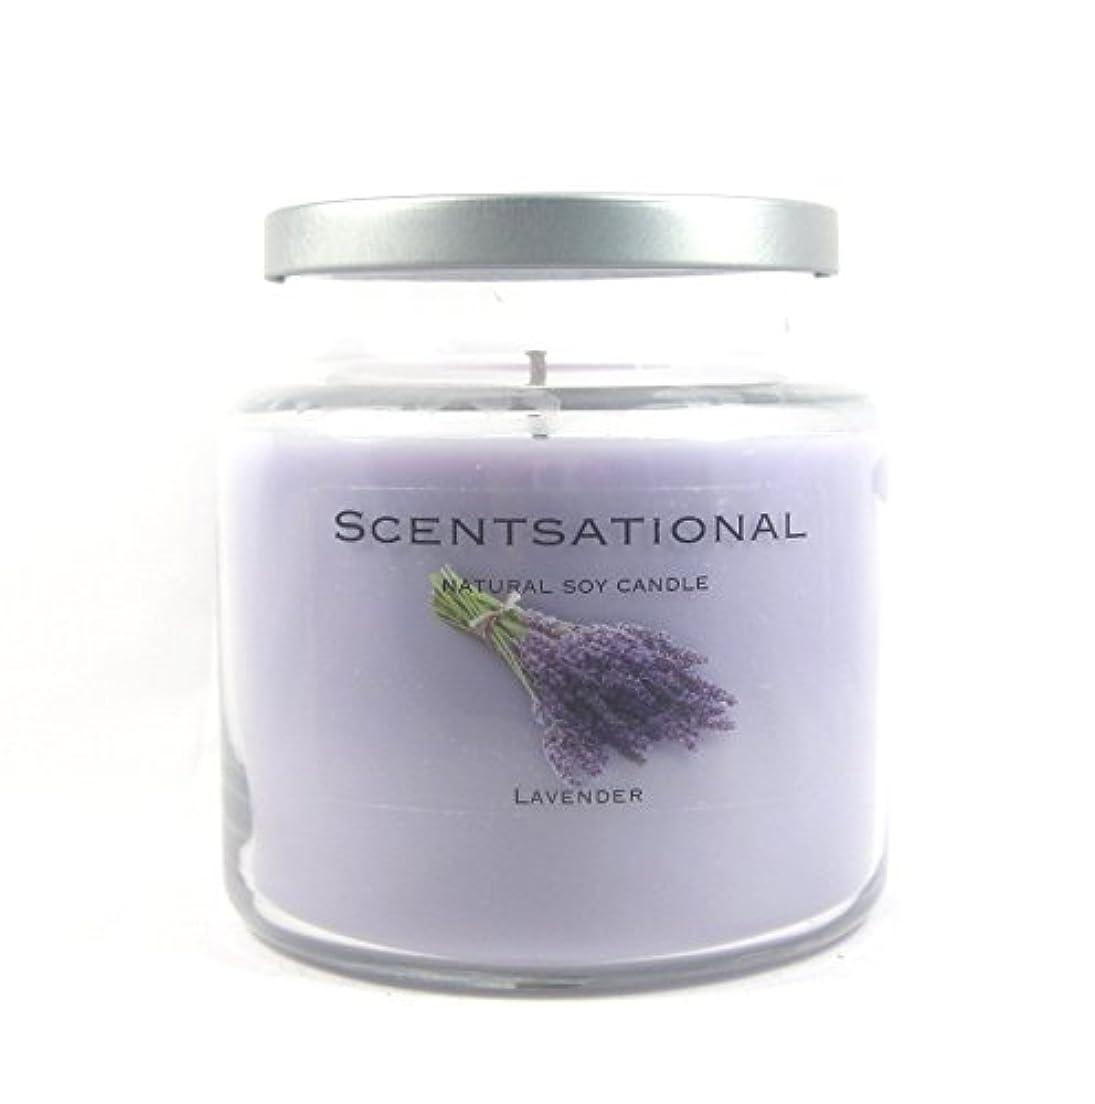 前奏曲三角目を覚ますScentsational Soaps &キャンドル自然Soy Candle W /蓋19 oz – --ラベンダー